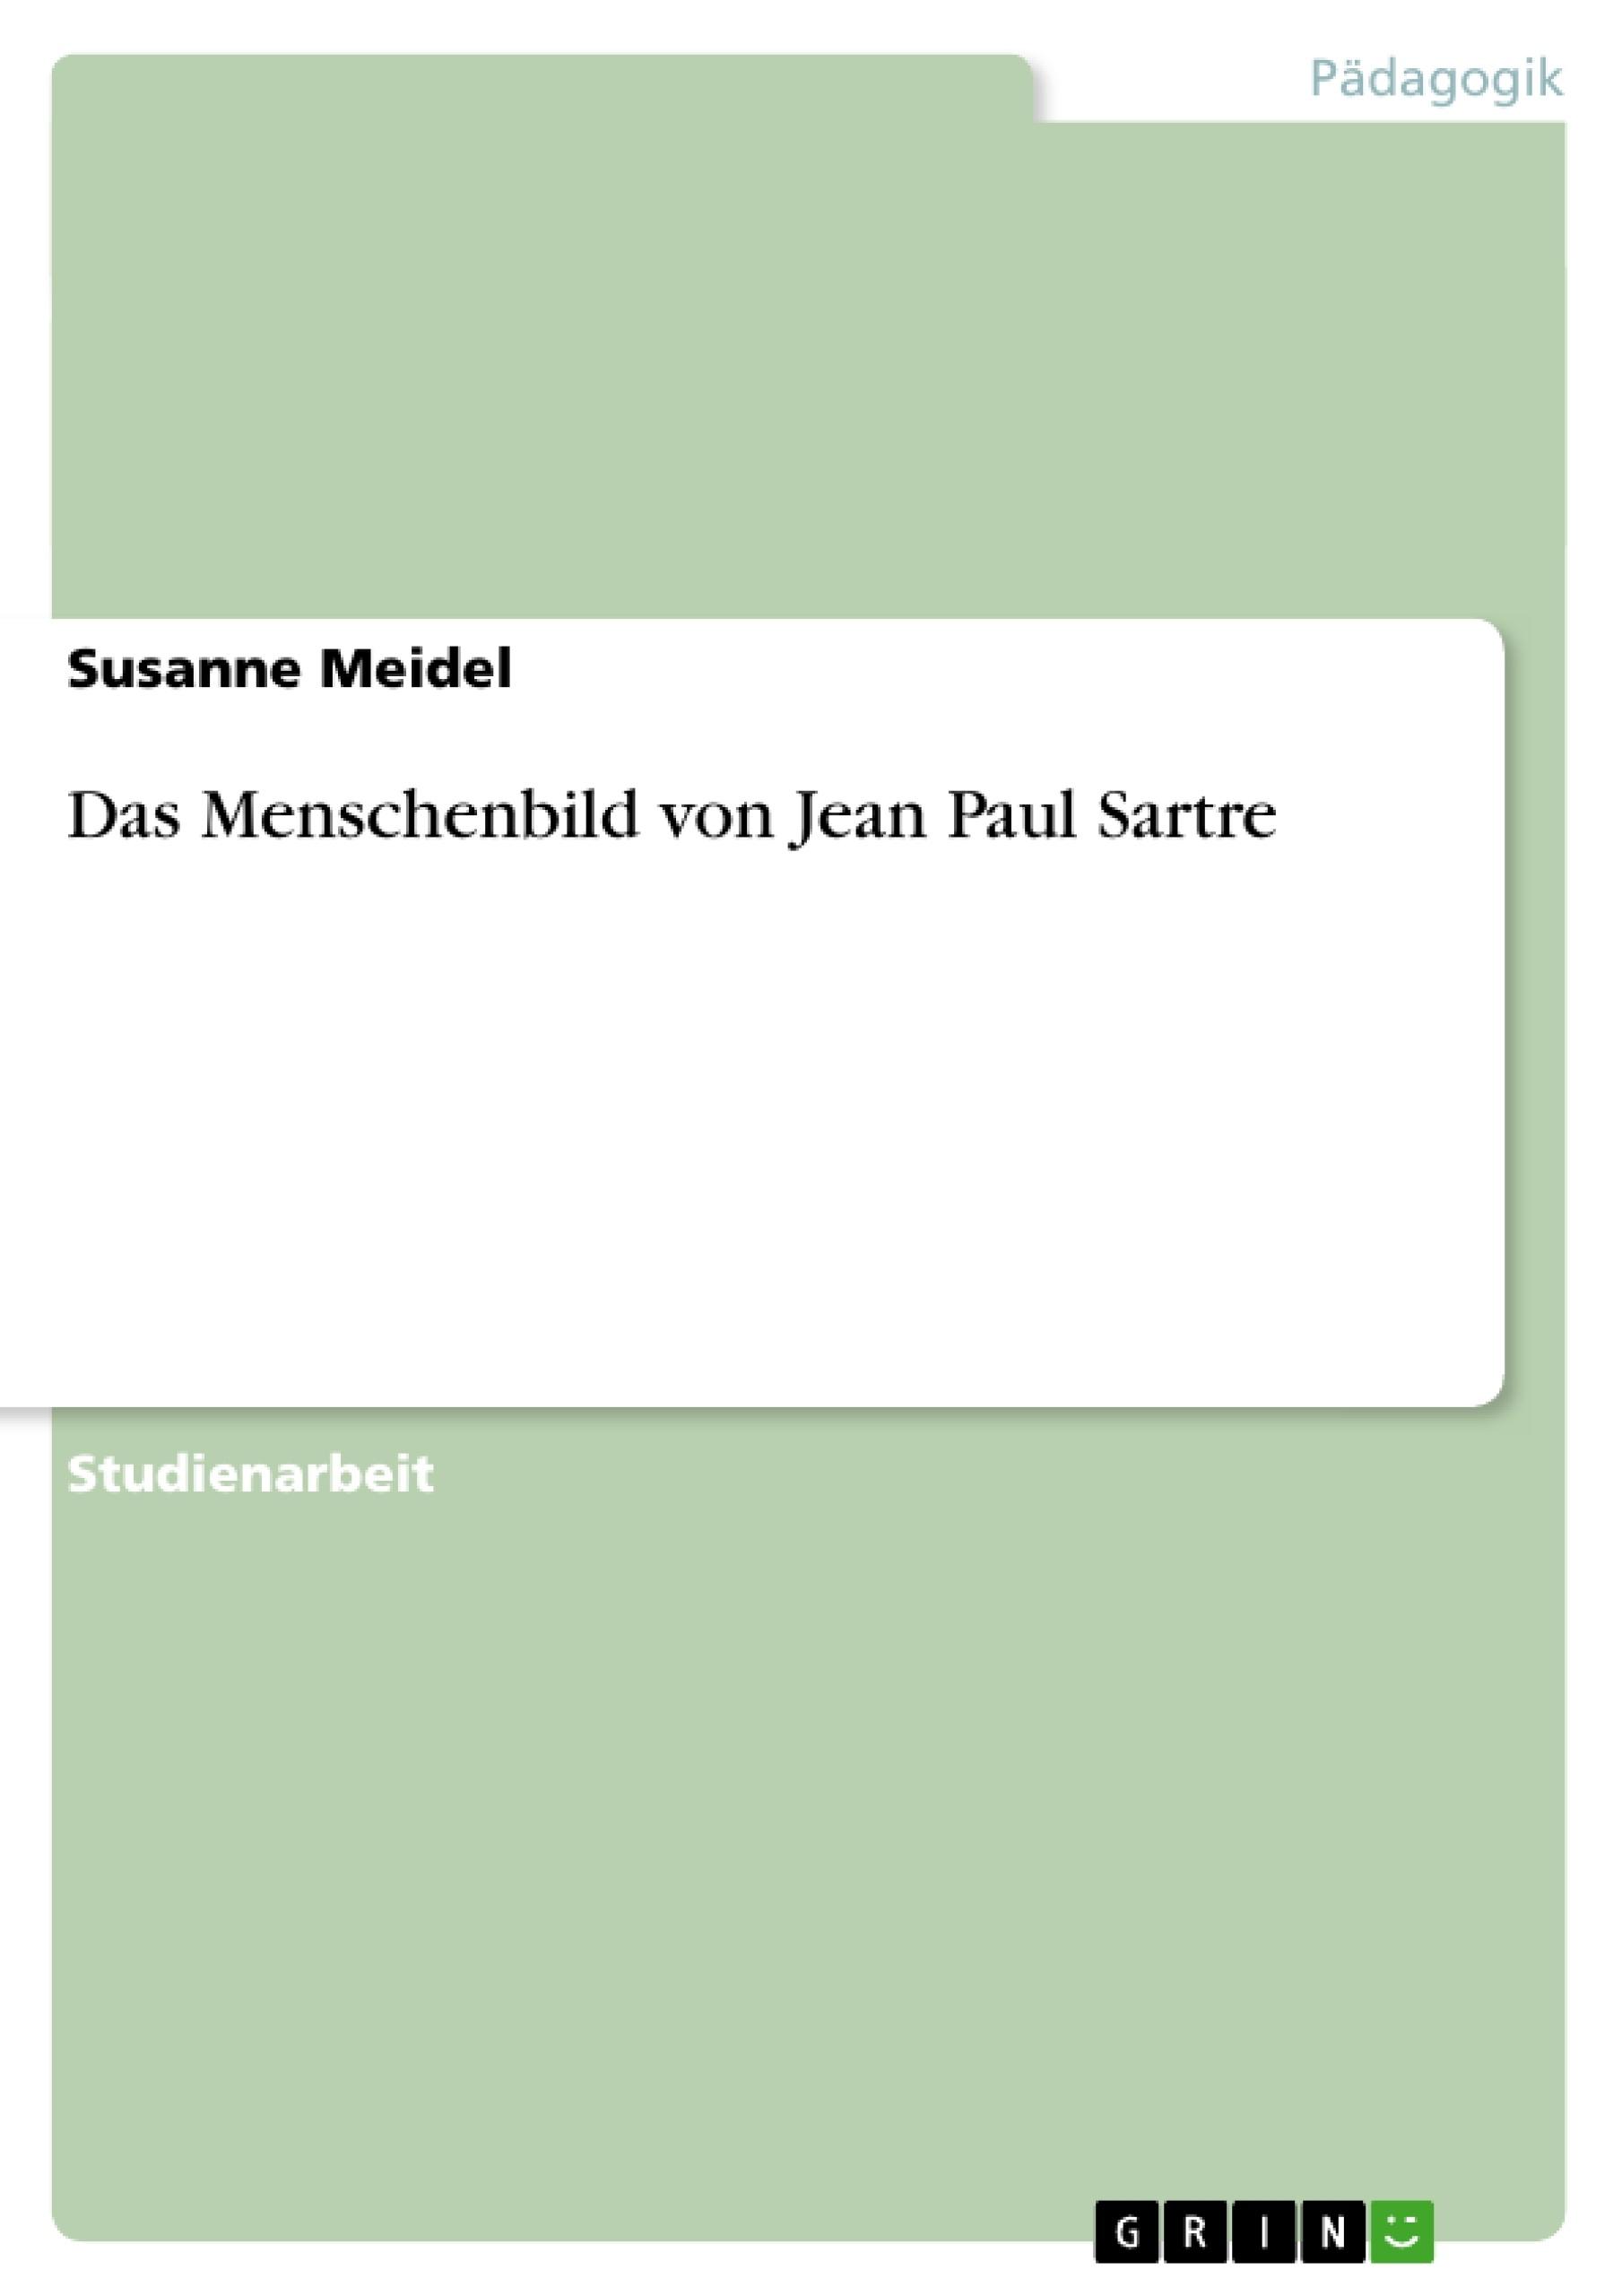 Titel: Das Menschenbild von Jean Paul Sartre